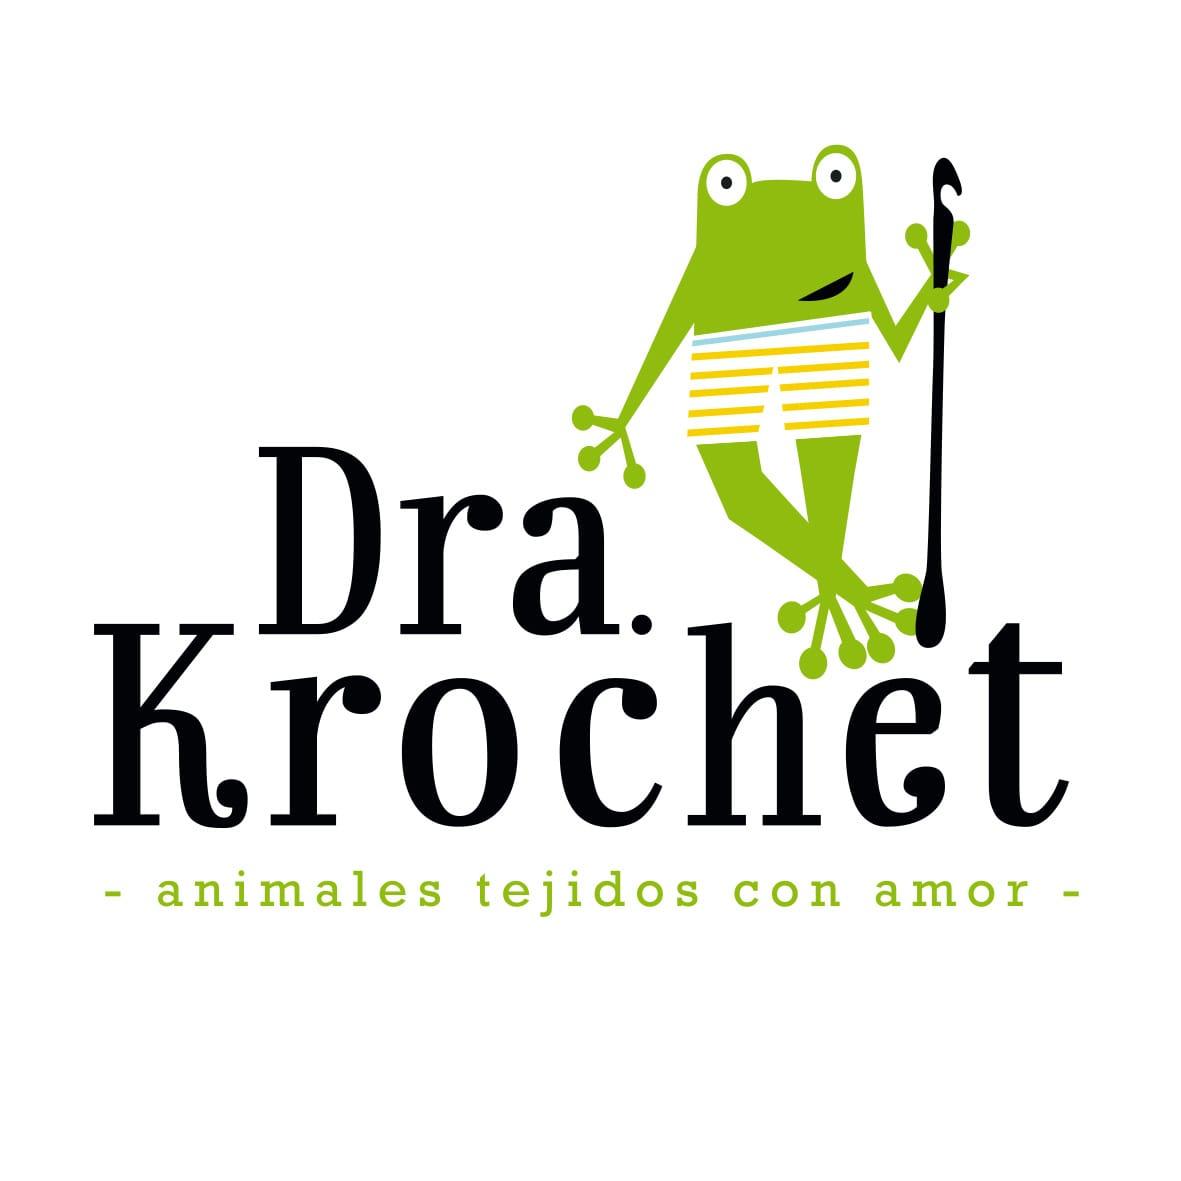 Productos Dra Krochet